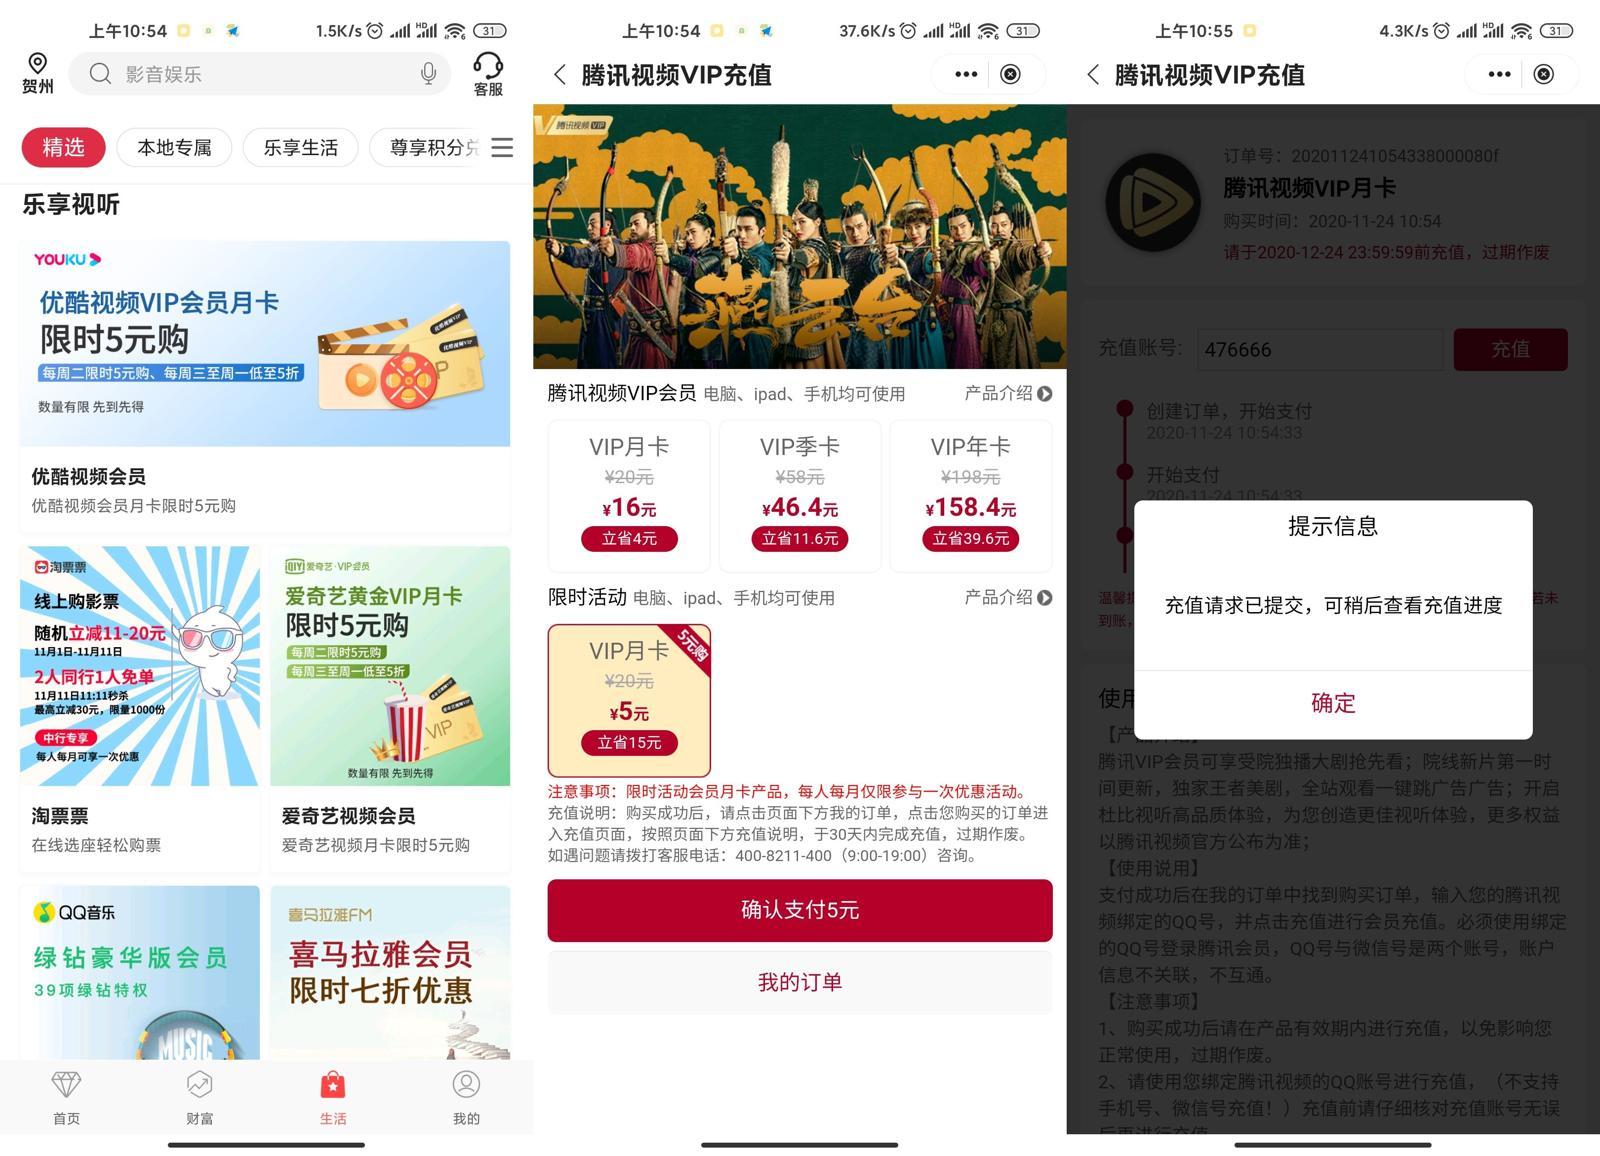 中国银行5元开1月视频会员